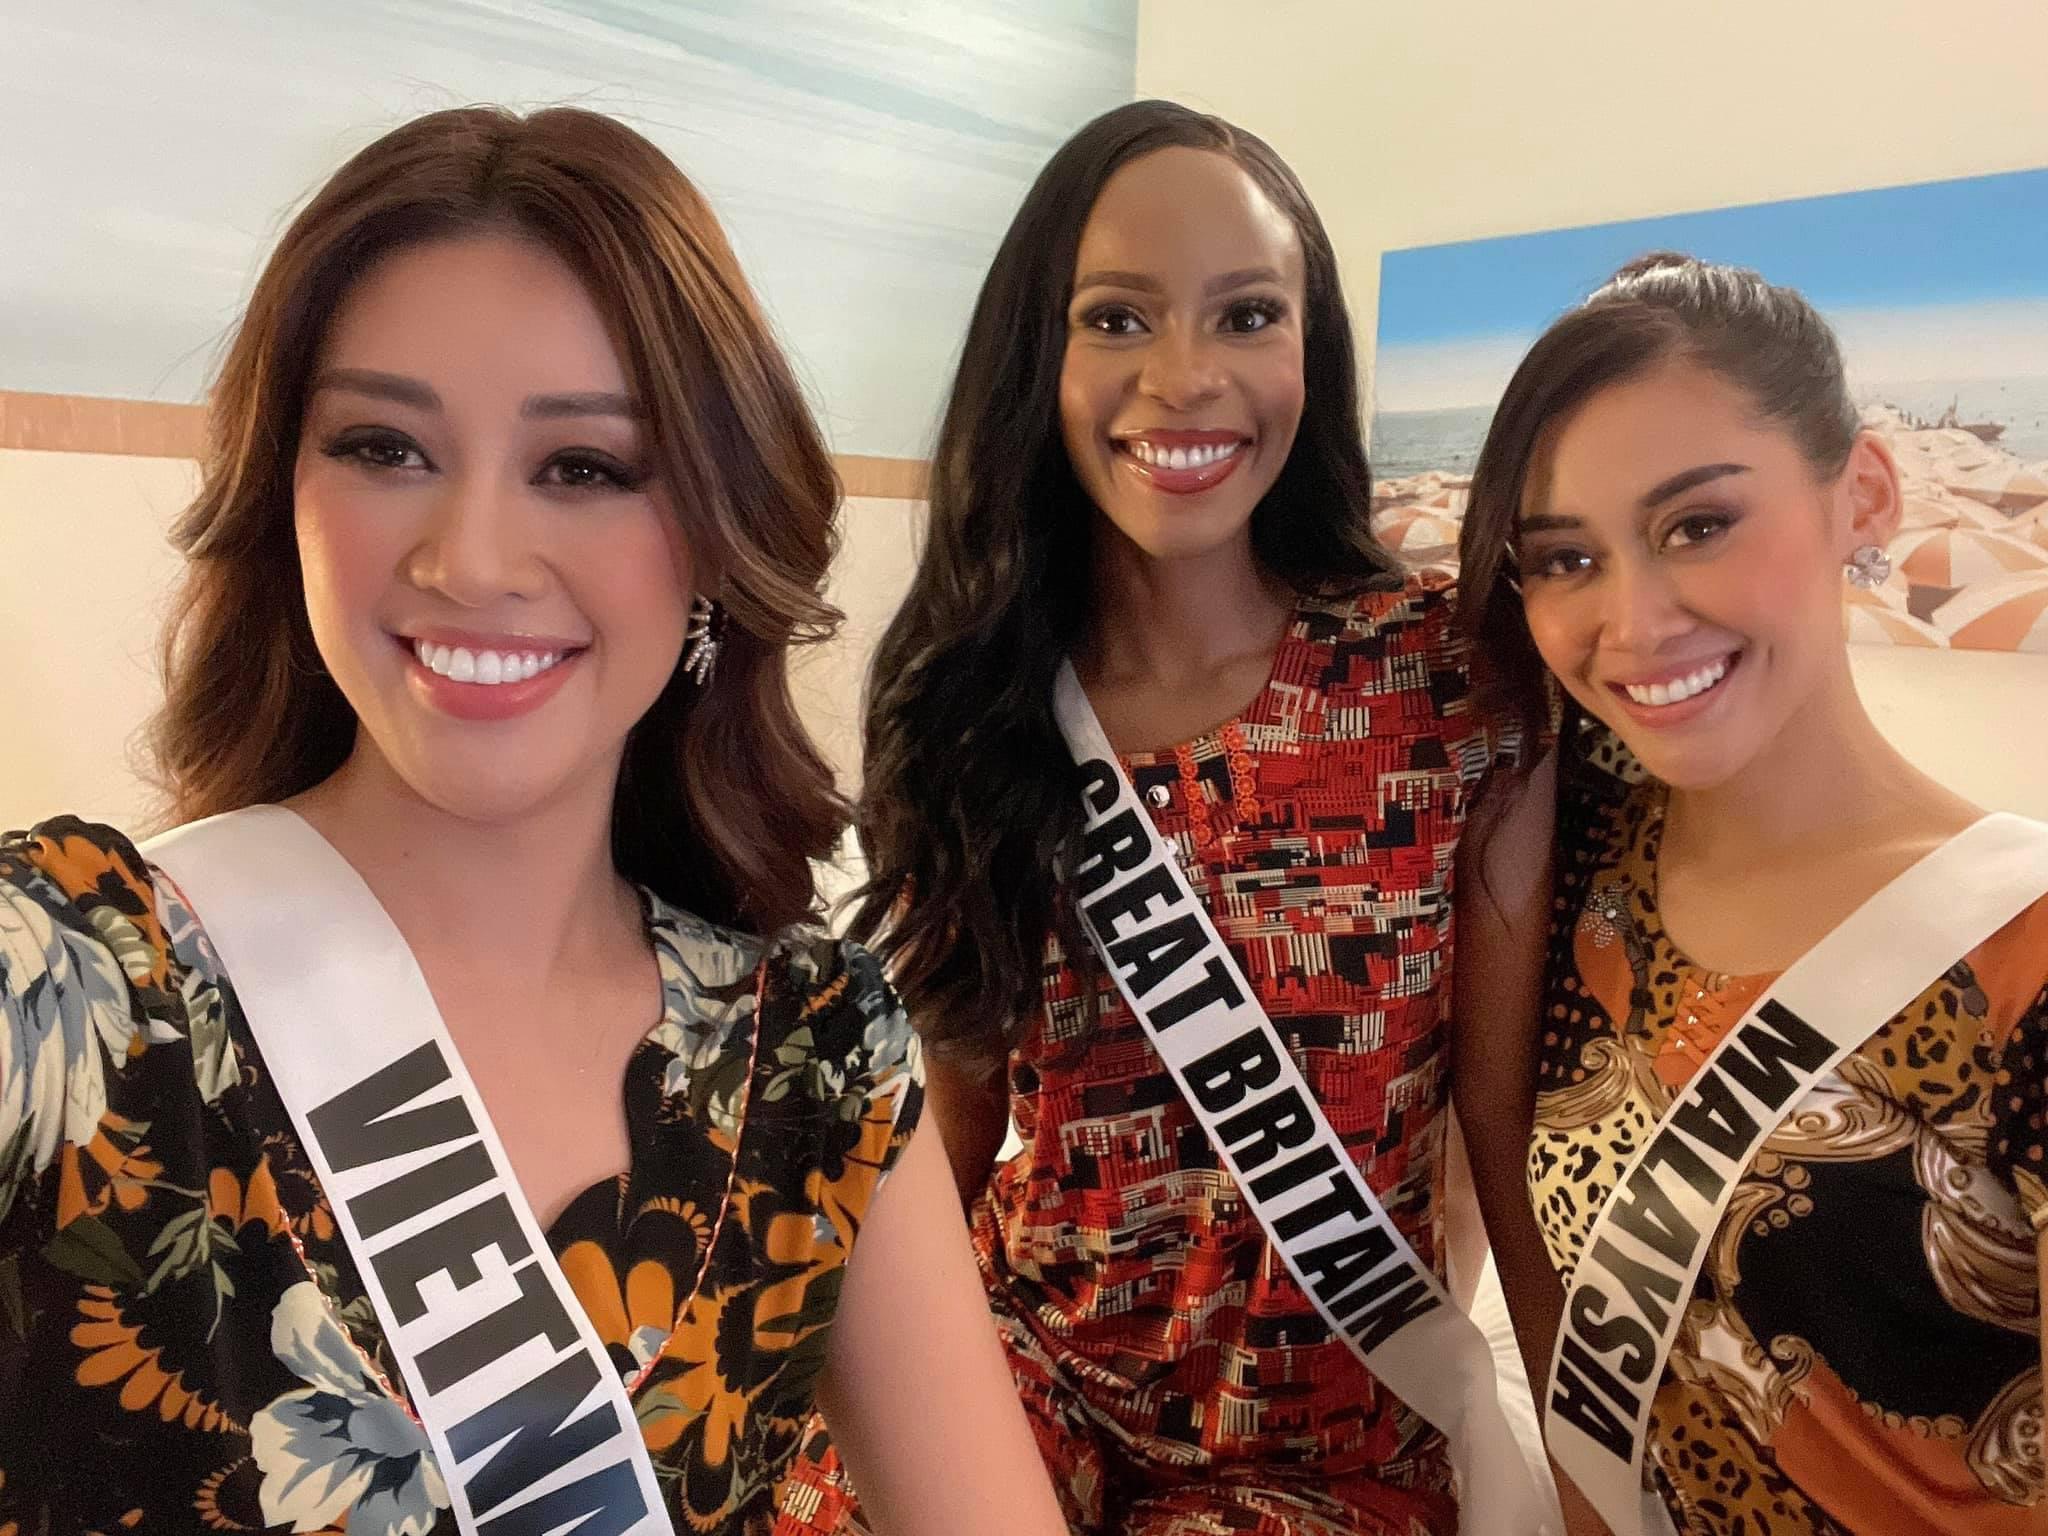 Đi thi Miss Universe, Khánh Vân tranh thủ debut 'nhóm nhạc thun lạnh', CĐM rần rần dự đoán sẽ hot trend toàn cầu